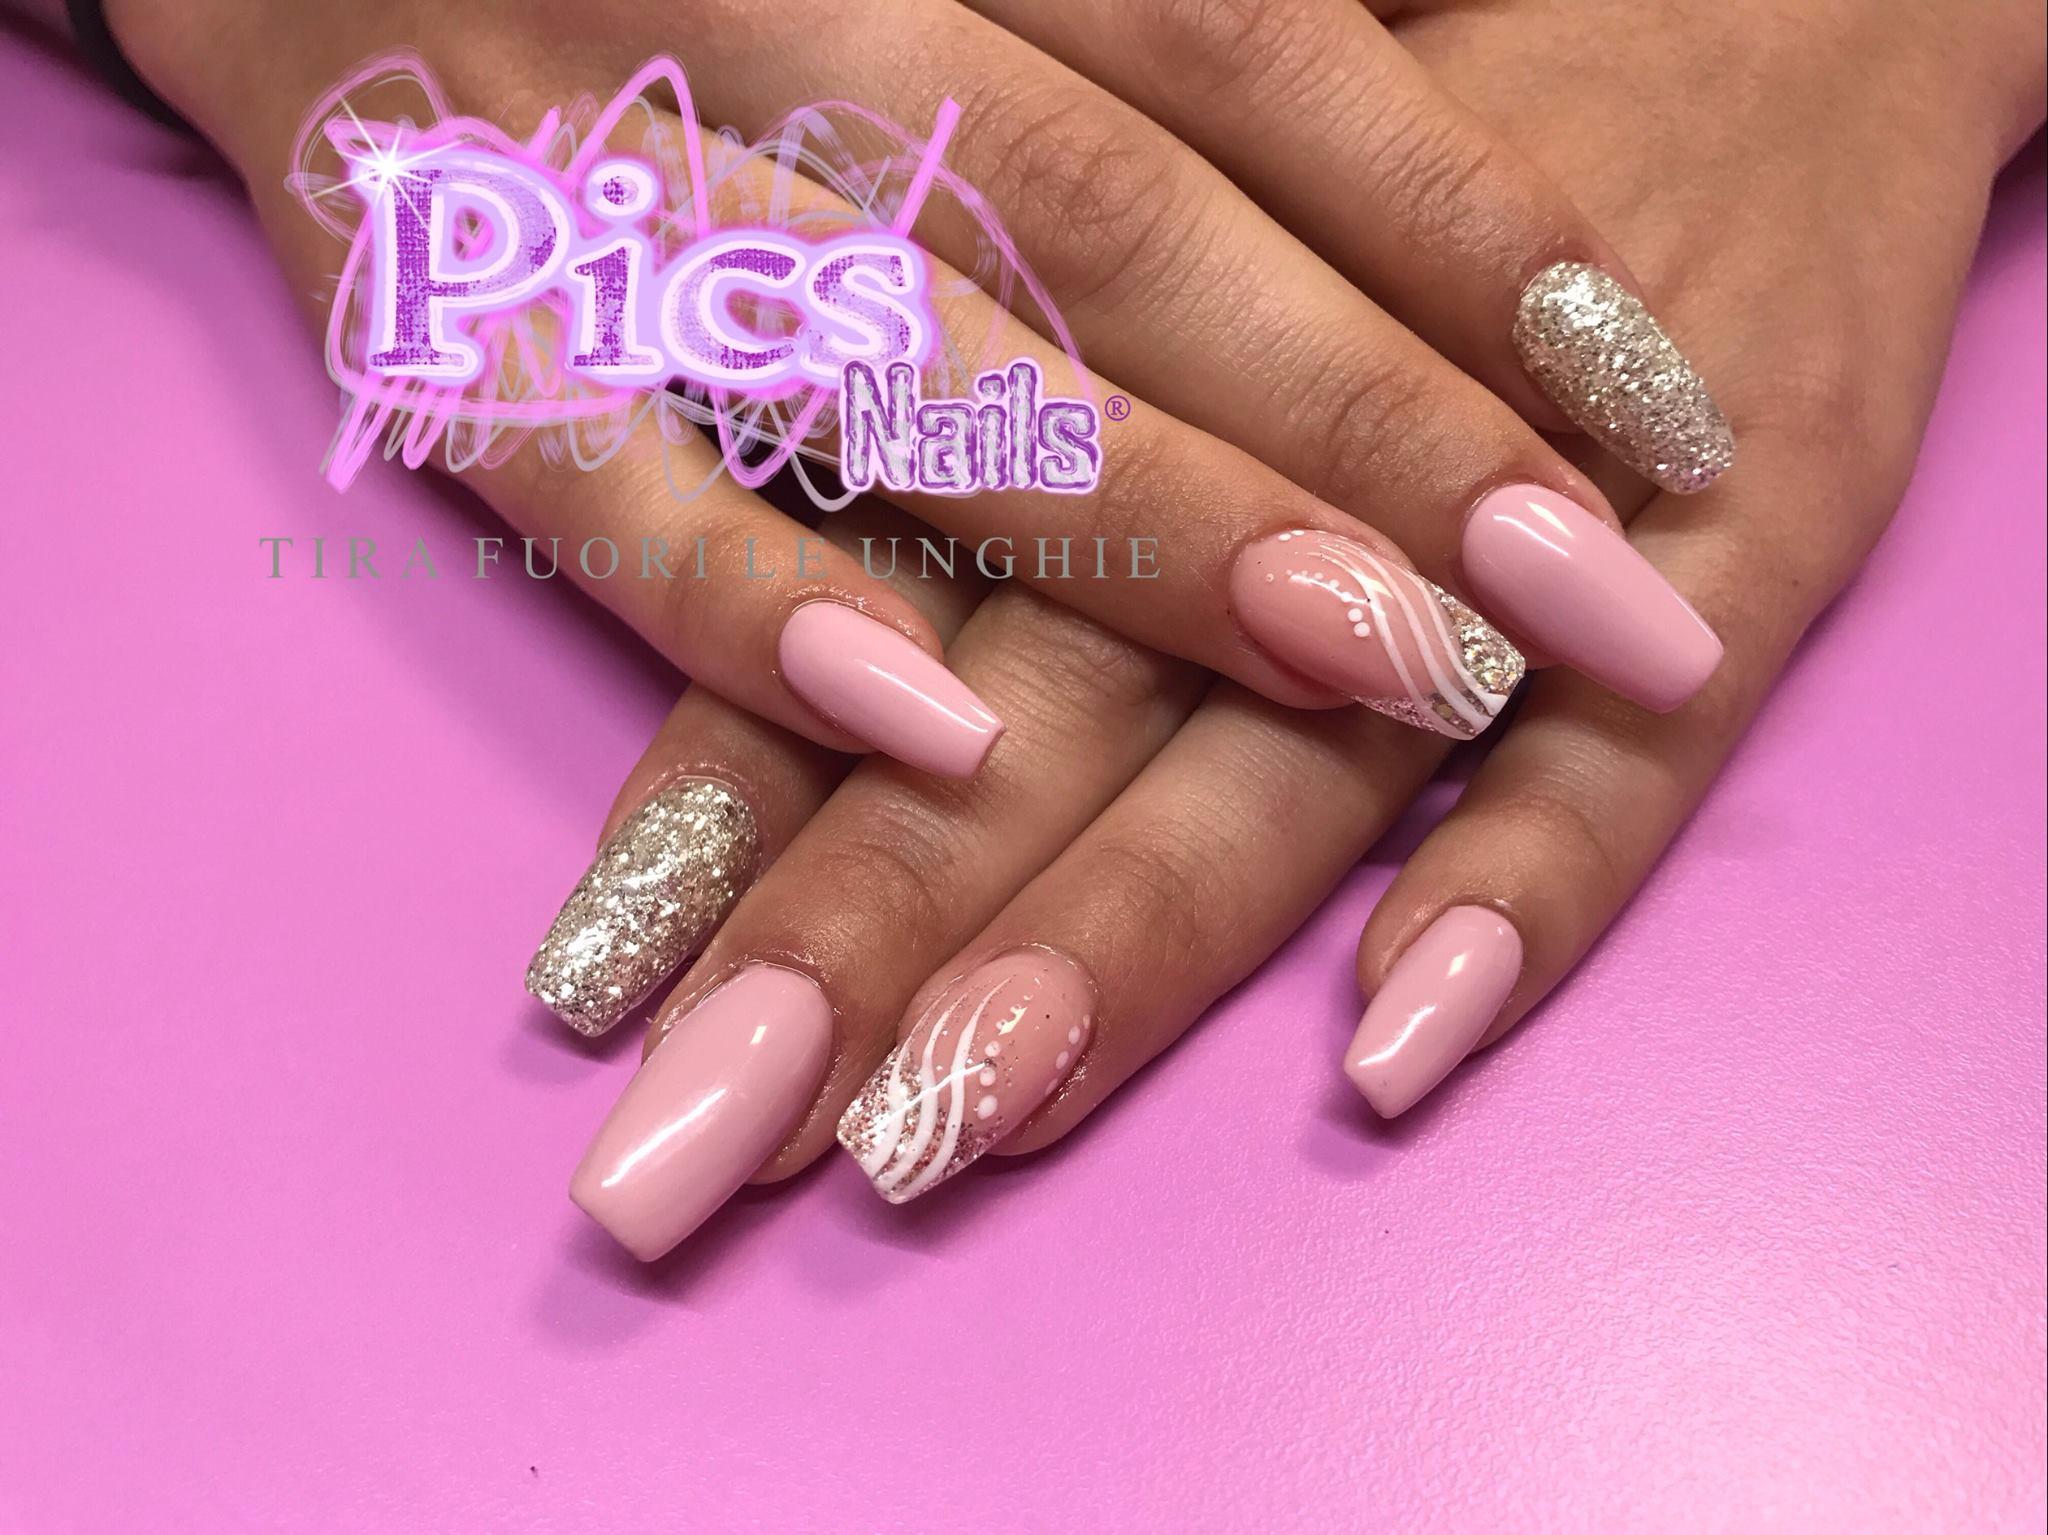 Ricostruzione Unghie Olbia Pics Nails